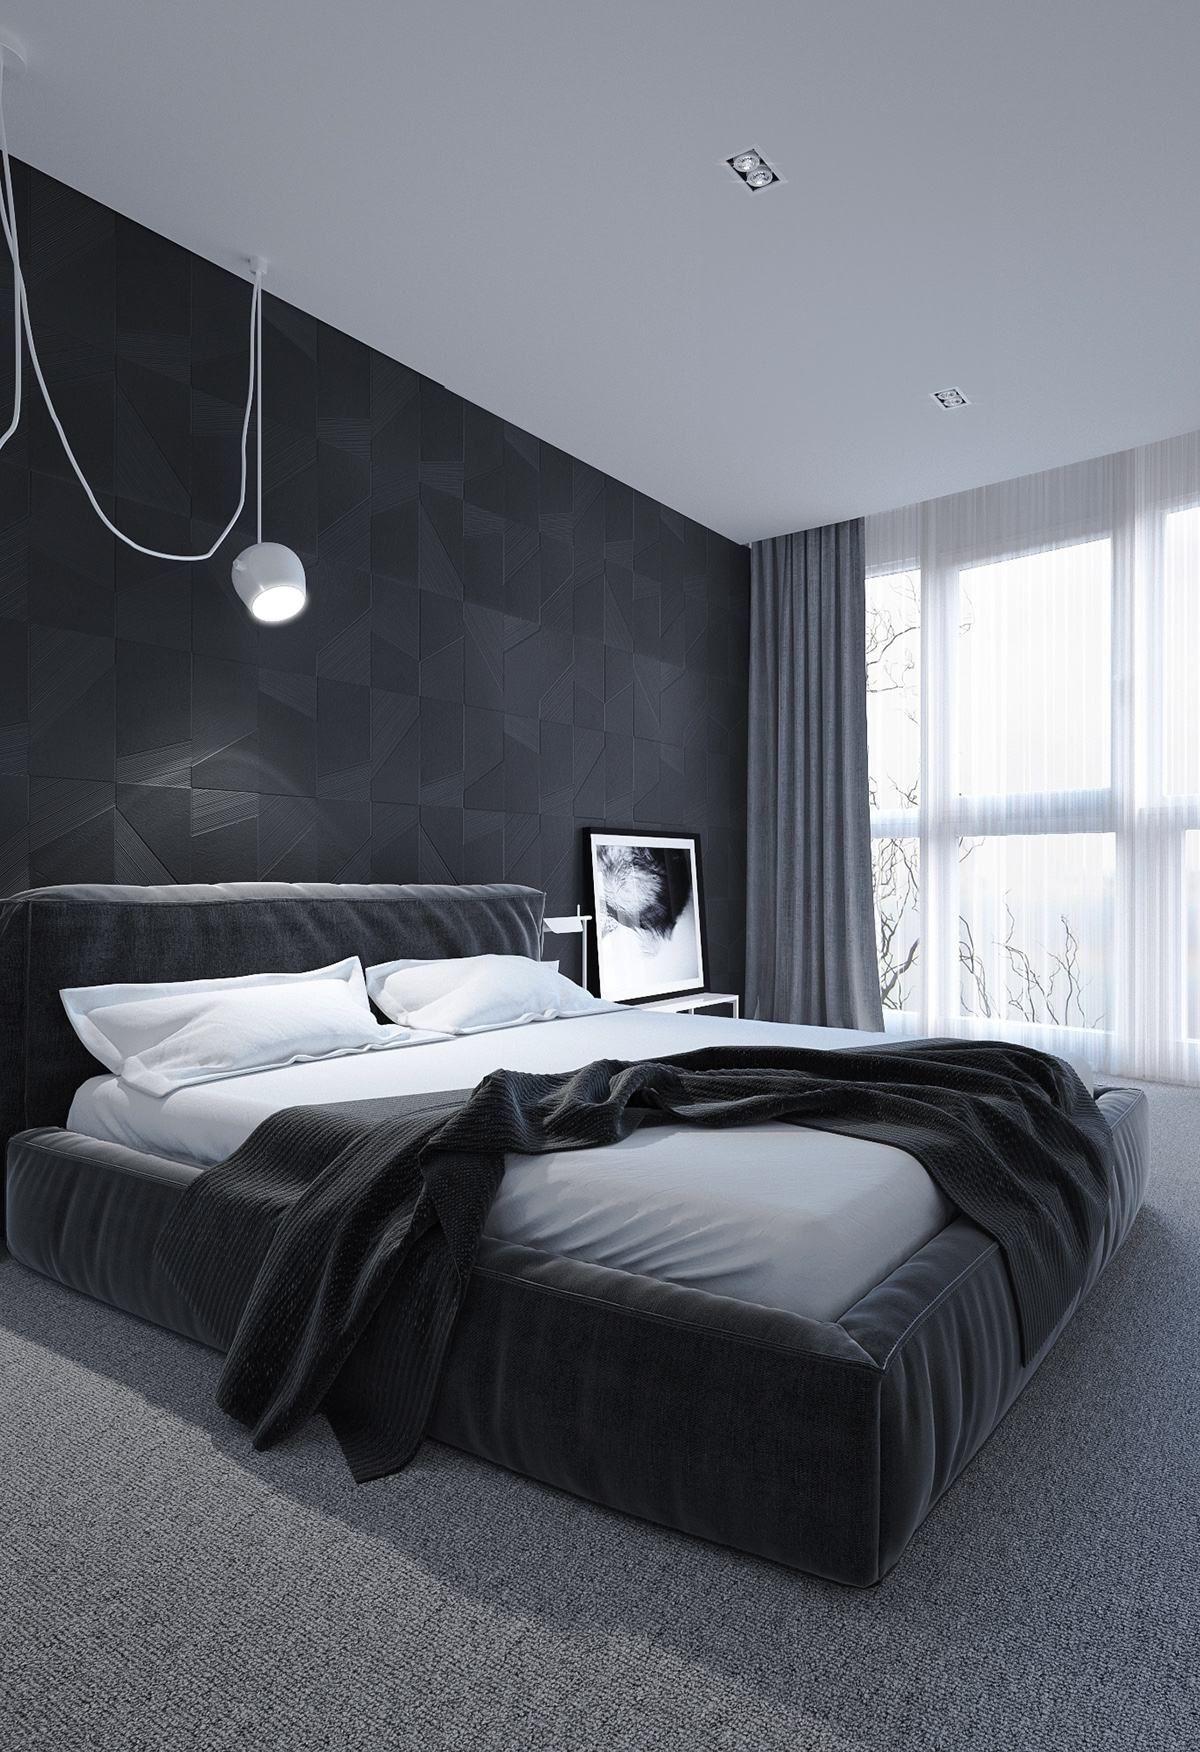 Wie man Inspiration in deine Träume mit dunklem Schlafzimmer holt - Dekoration ideen